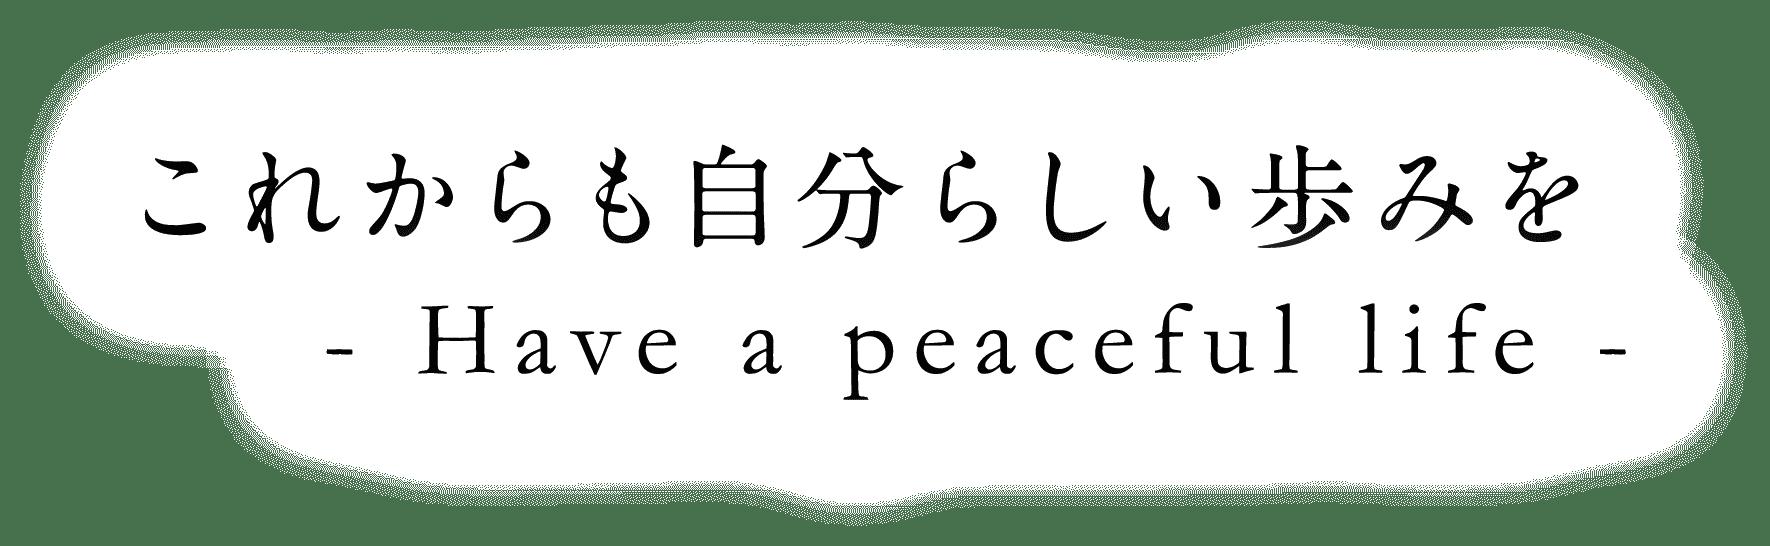 これからも自分らしい歩みを Have a peaceful life